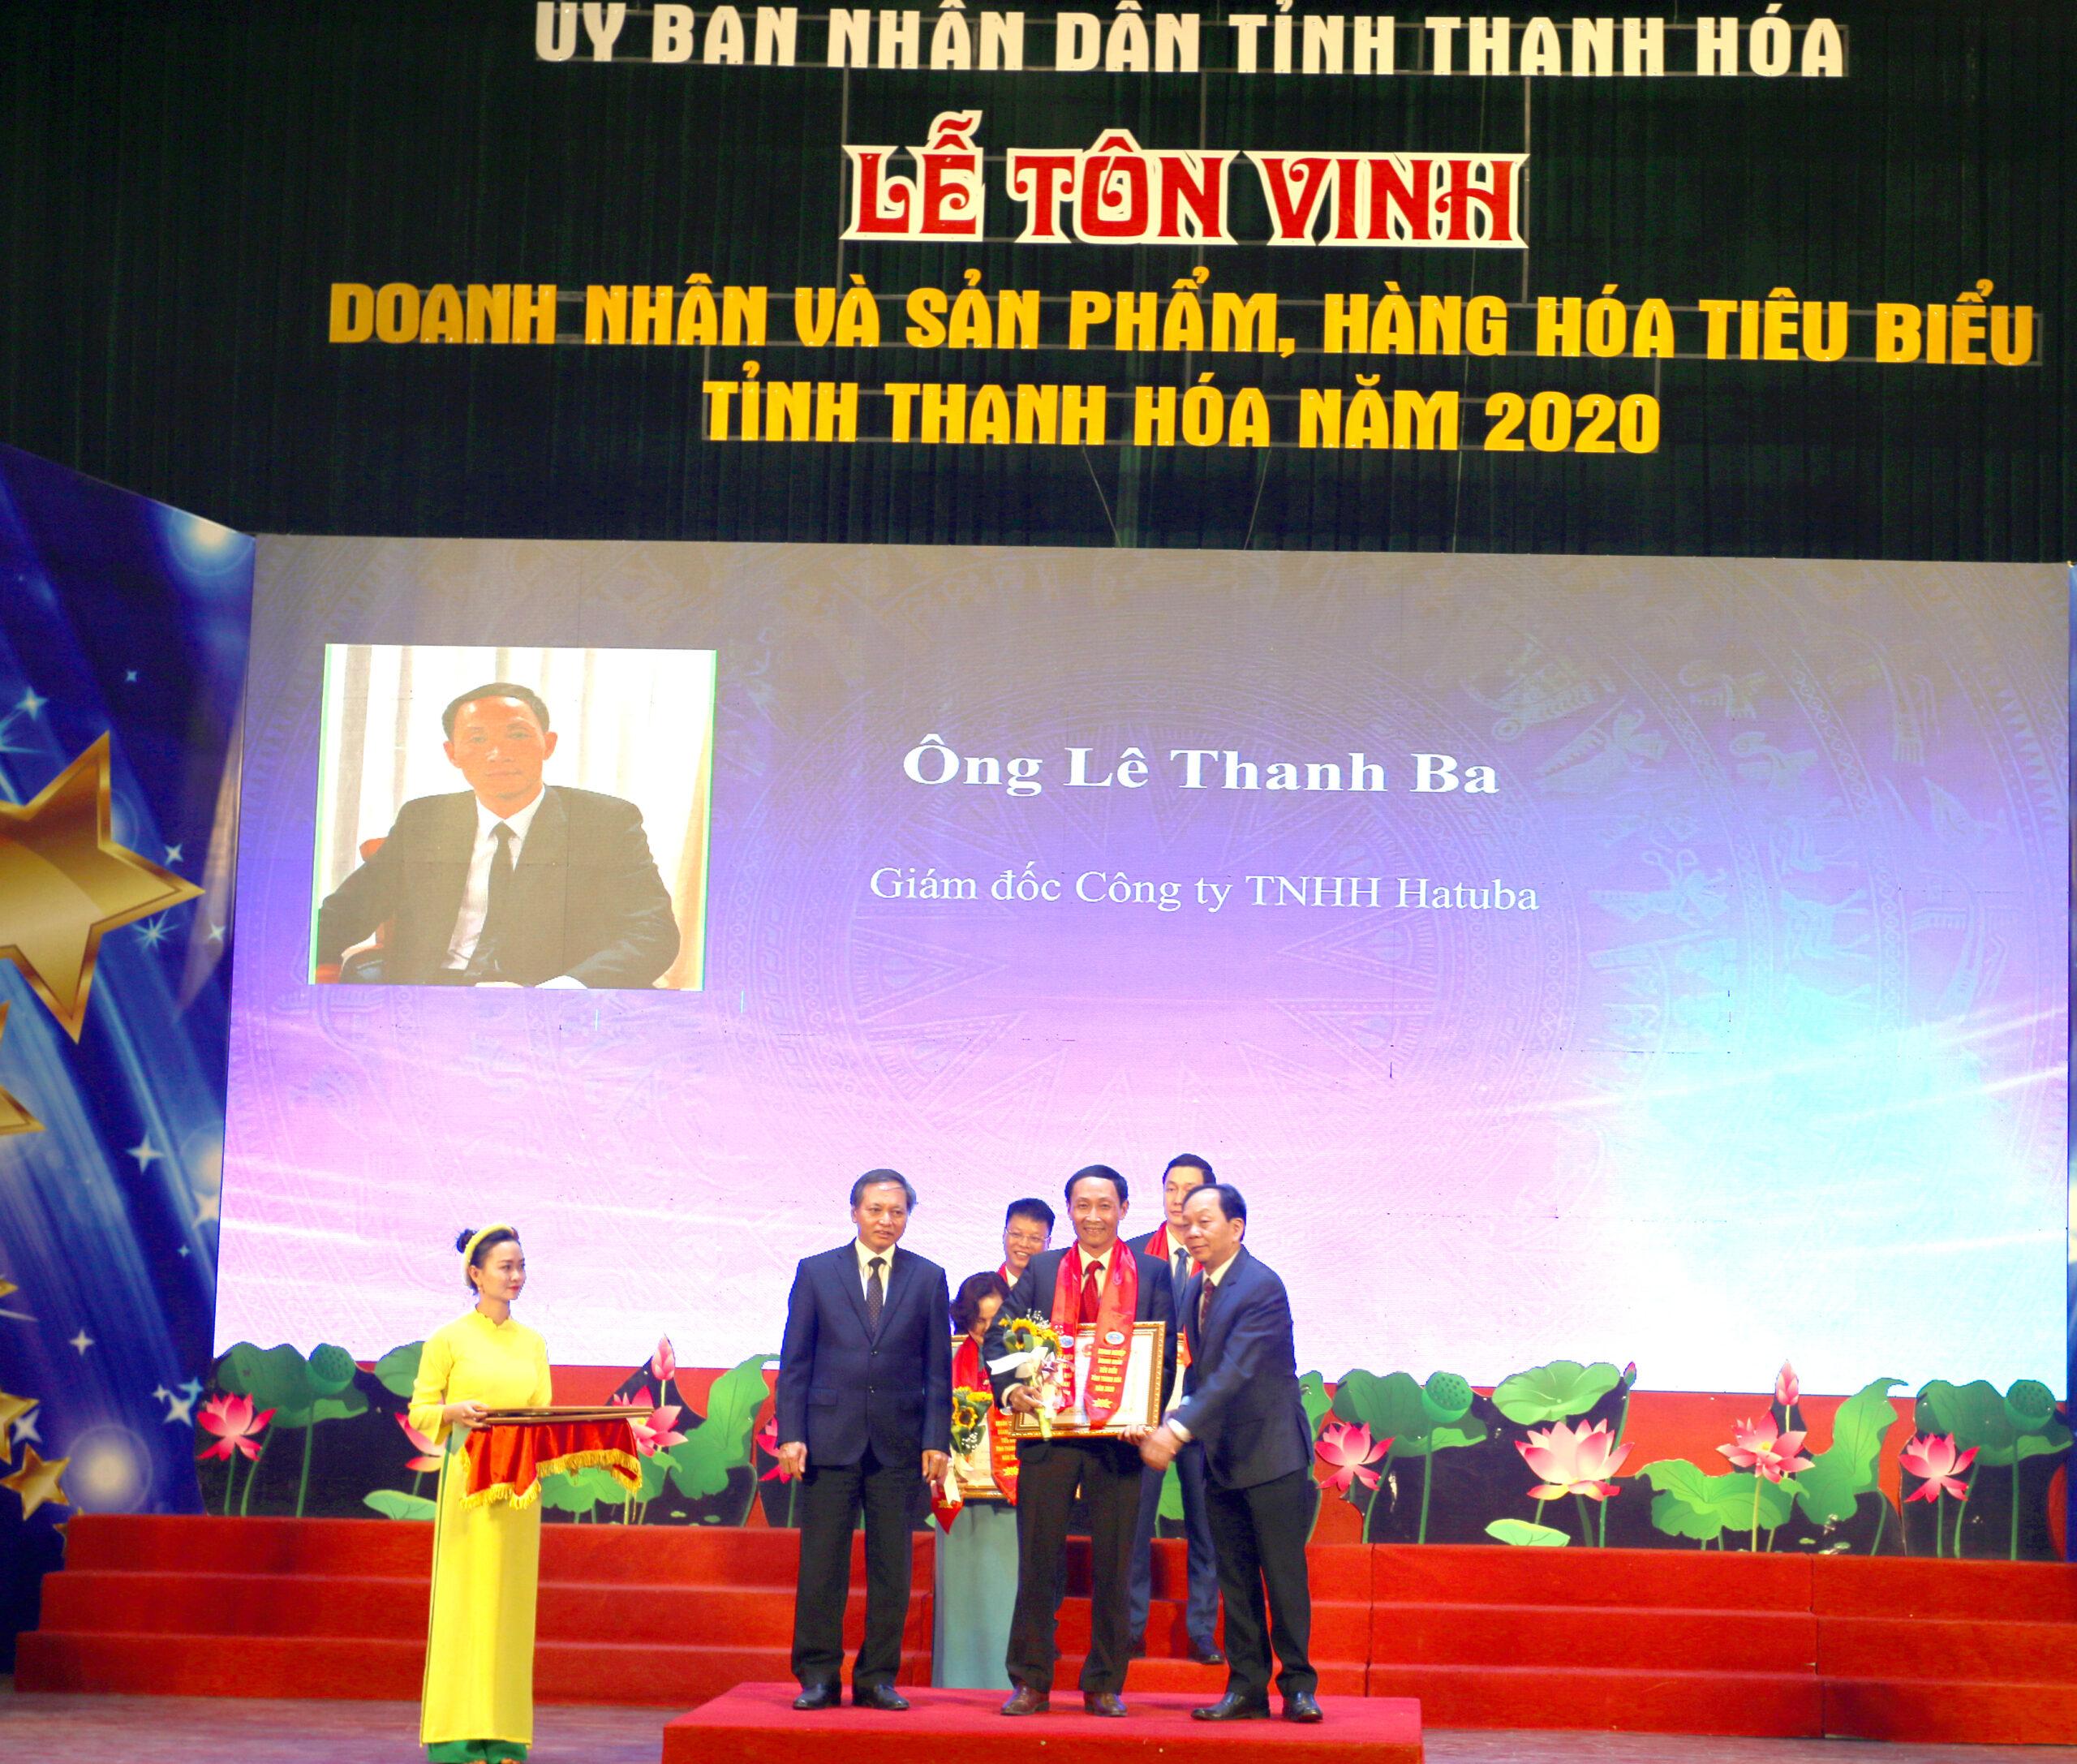 Ông Lê Thanh Ba vinh dự nhận bằng khen